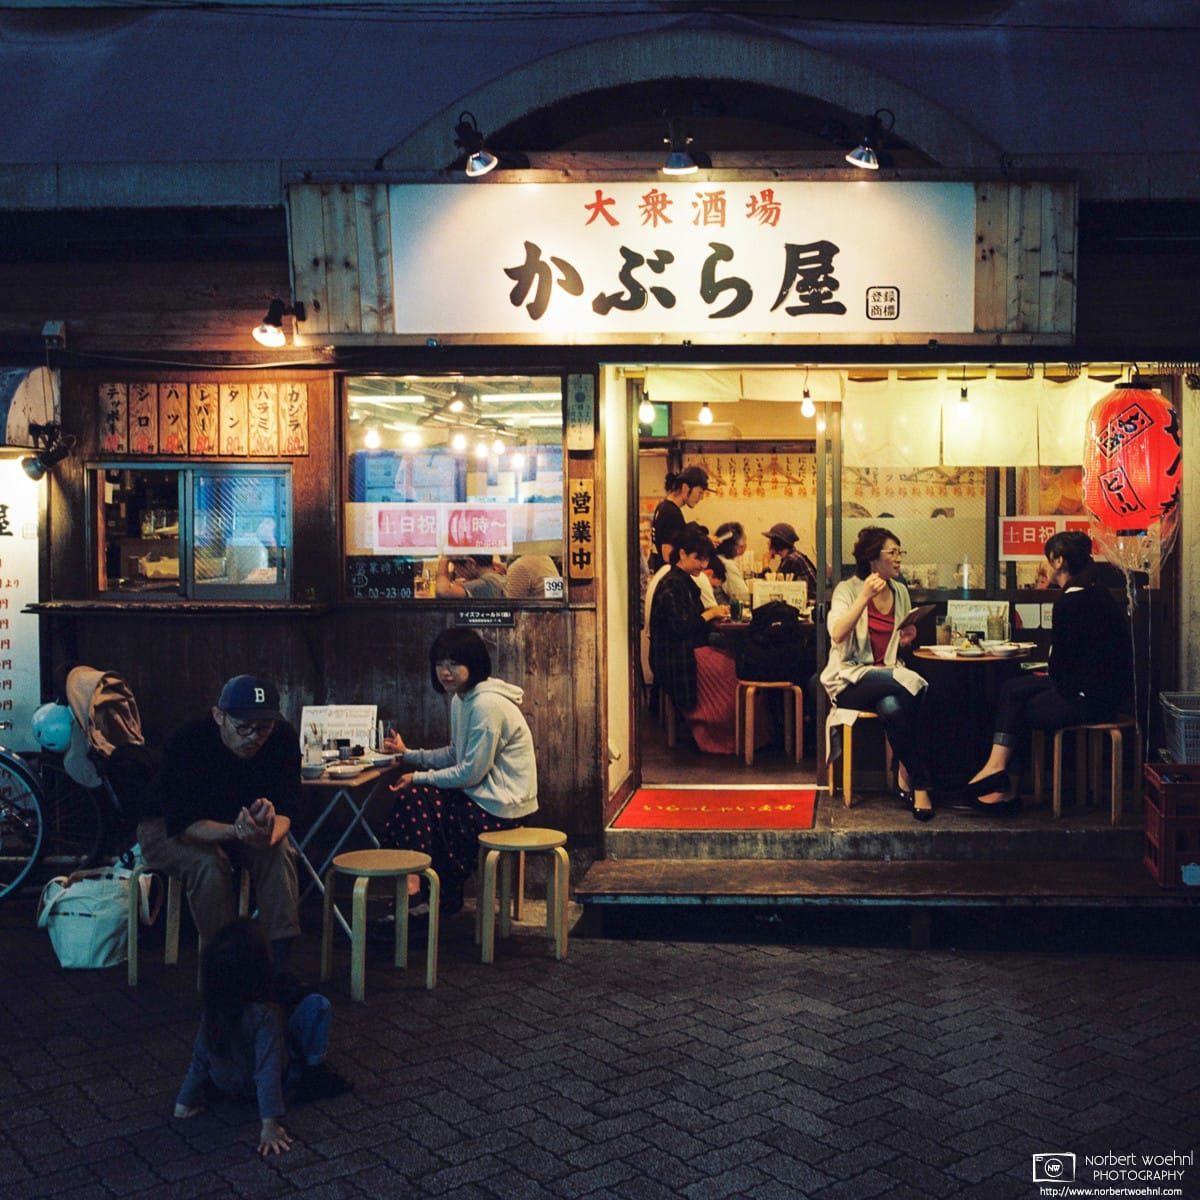 Patrons enjoying a nice autumn evening at an Izakaya (Japanese-style pub) in Asagaya, Tokyo, Japan.